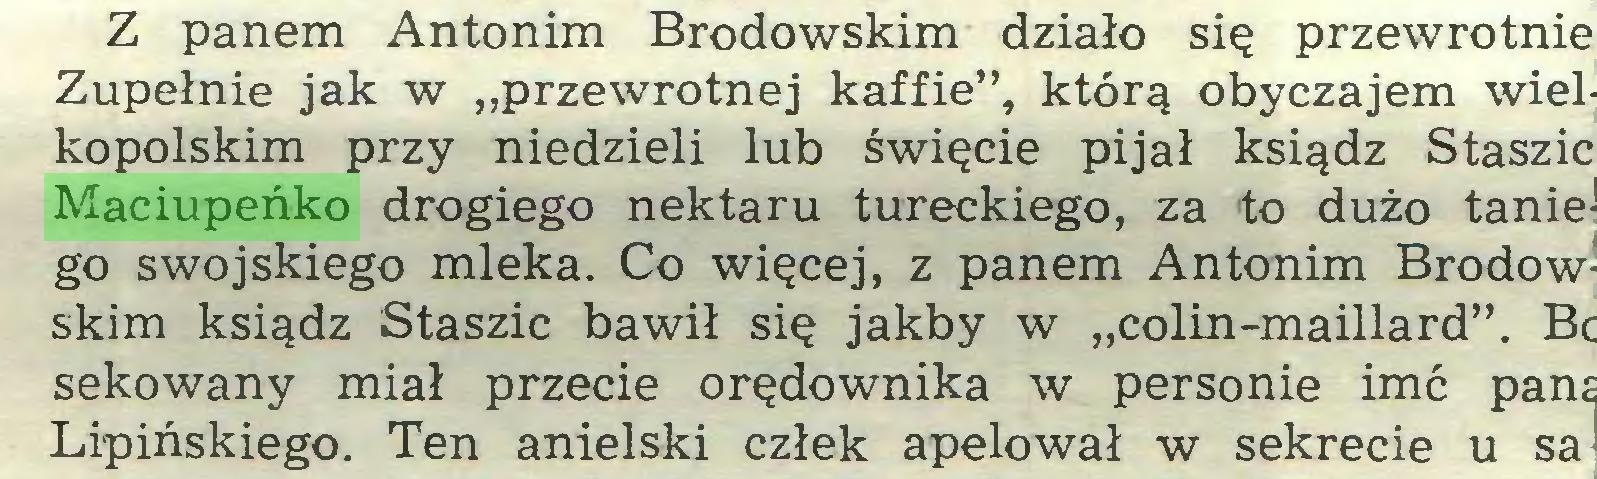 """(...) Z panem Antonim Brodowskim działo się przewrotnie Zupełnie jak w """"przewrotnej kaffie"""", którą obyczajem wielkopolskim przy niedzieli lub święcie pijał ksiądz Staszic Maciupeńko drogiego nektaru tureckiego, za to dużo taniego swojskiego mleka. Co więcej, z panem Antonim Brodowskim ksiądz Staszic bawił się jakby w """"colin-maillard"""". Bc sekowany miał przecie orędownika w personie imć pana Lipińskiego. Ten anielski człek apelował w sekrecie u sa:..."""